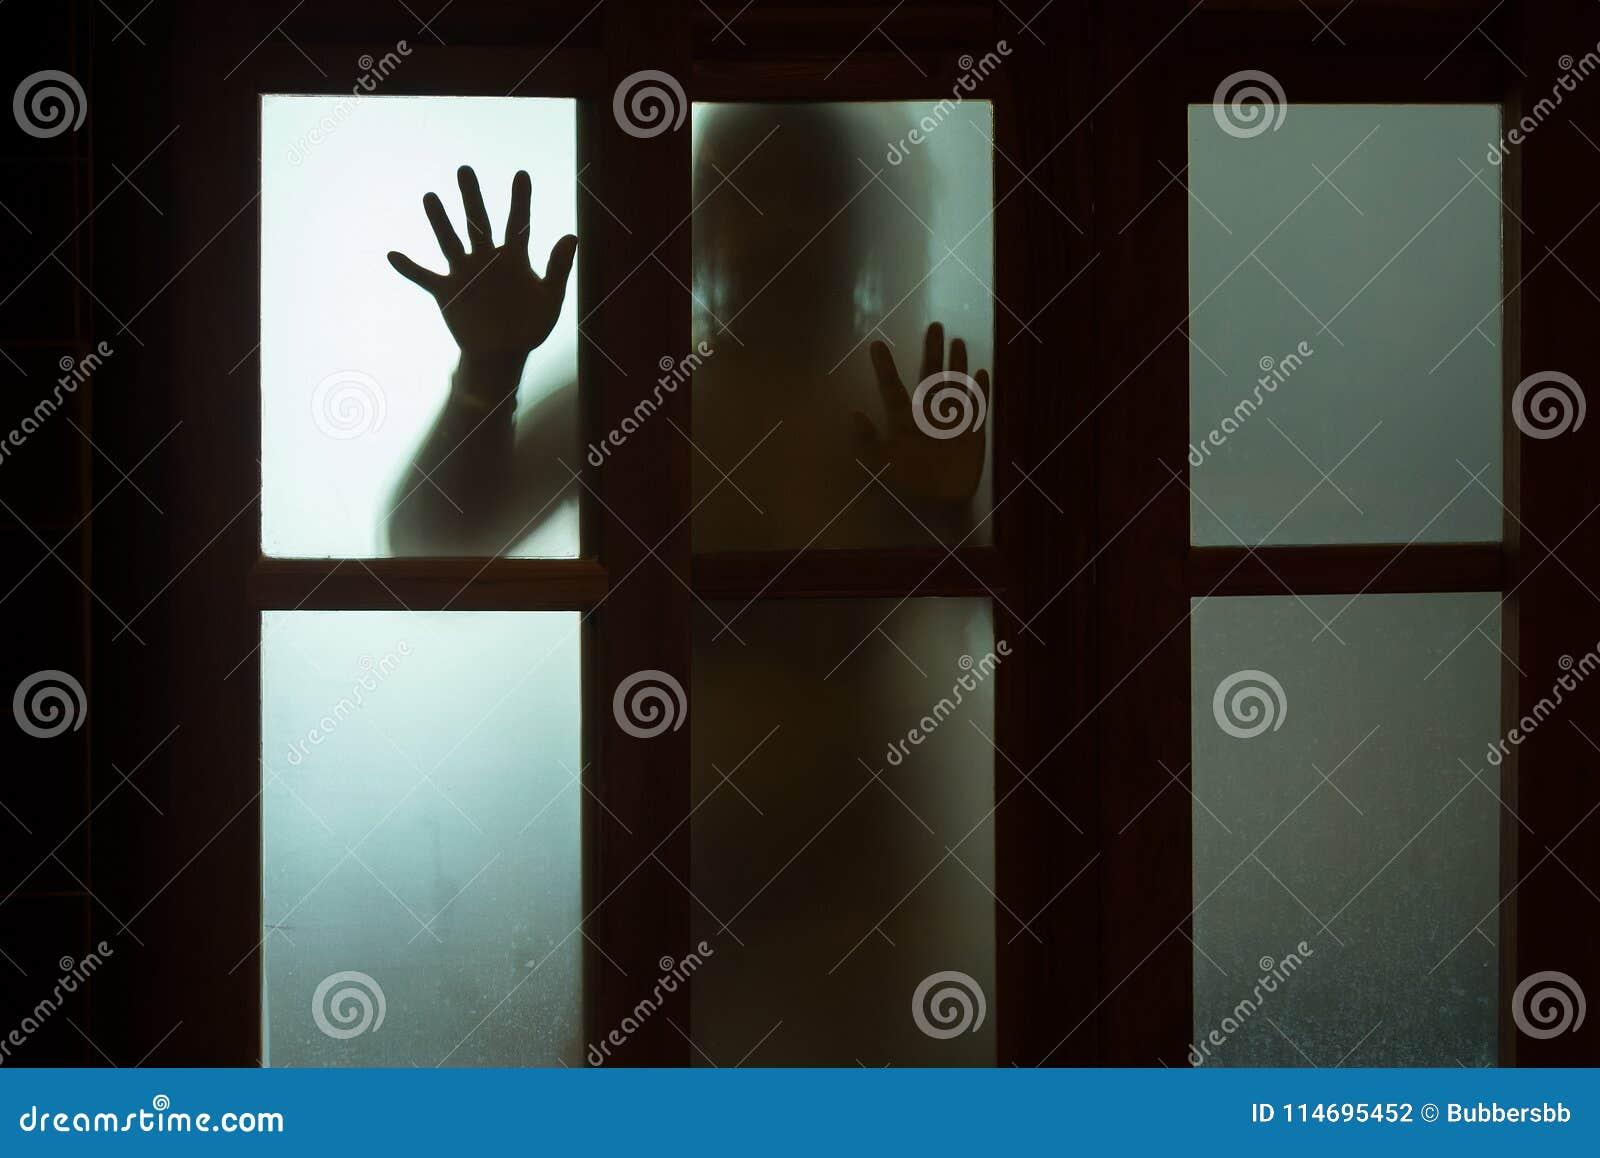 Mulher do horror atrás do vidro de janela em preto e branco blurry